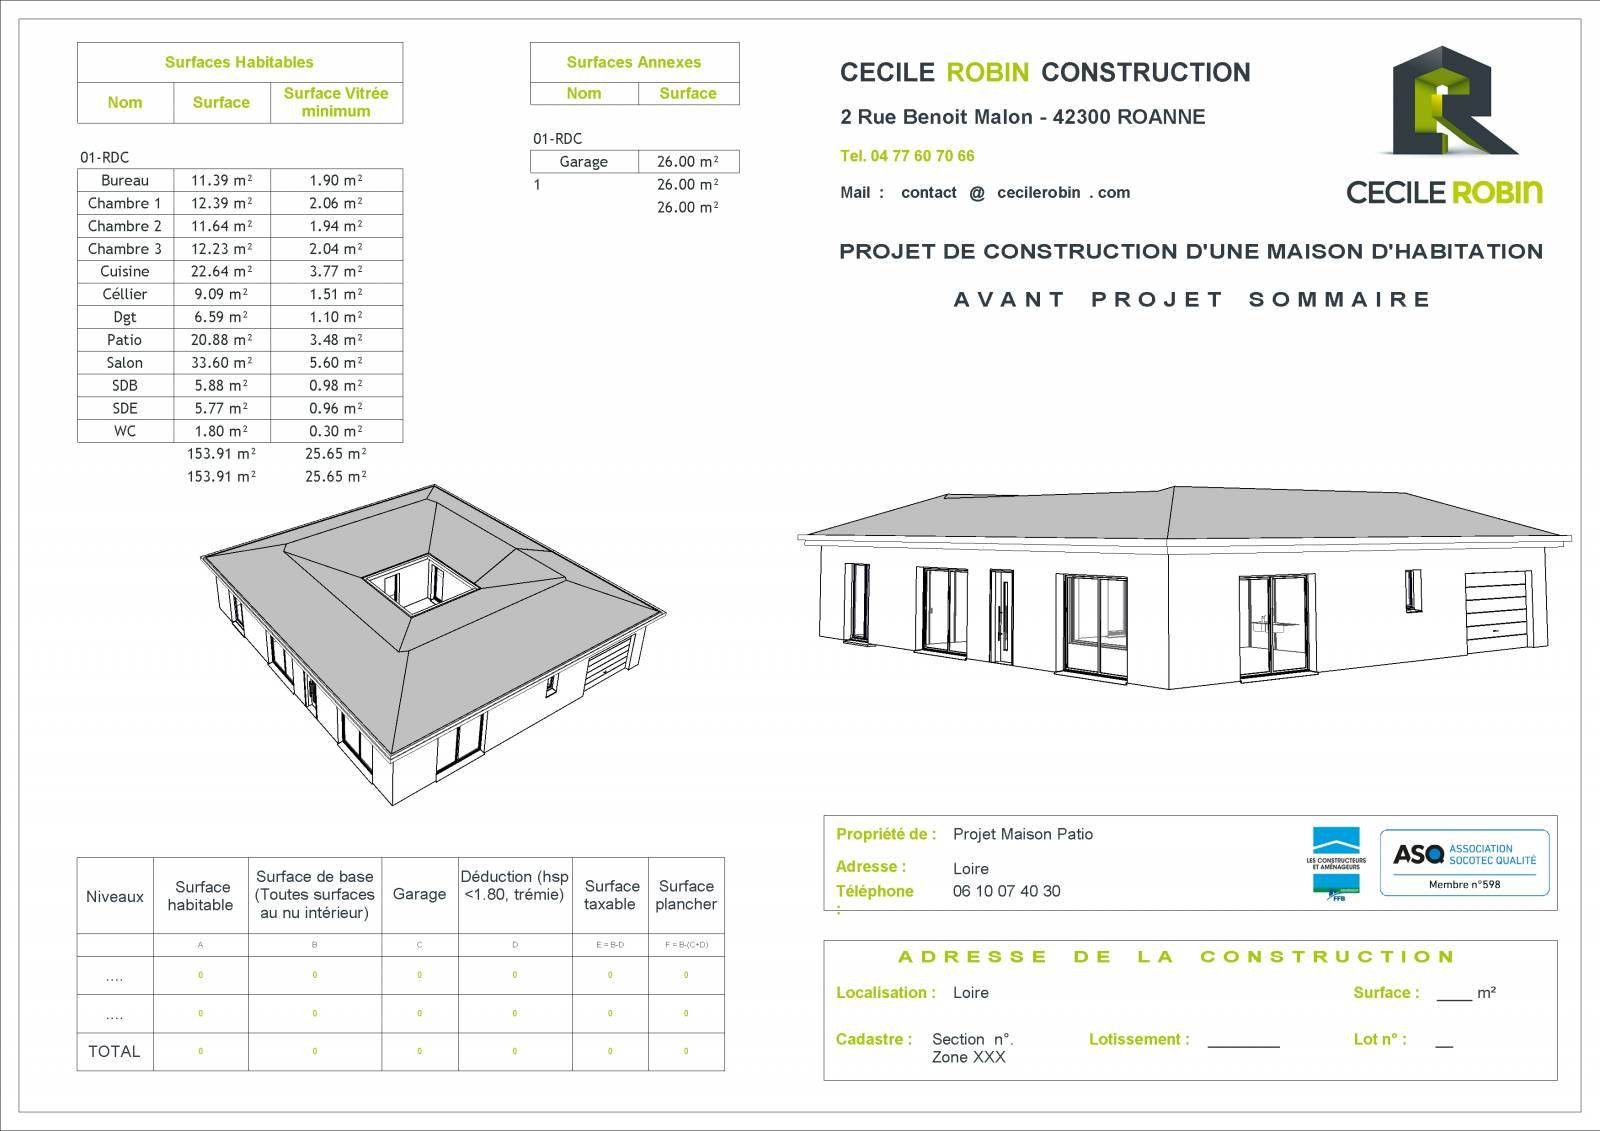 Maison Avec Patio Central Loire Construction De Maison Sur Mesure Vers Roanne Cecile Robin